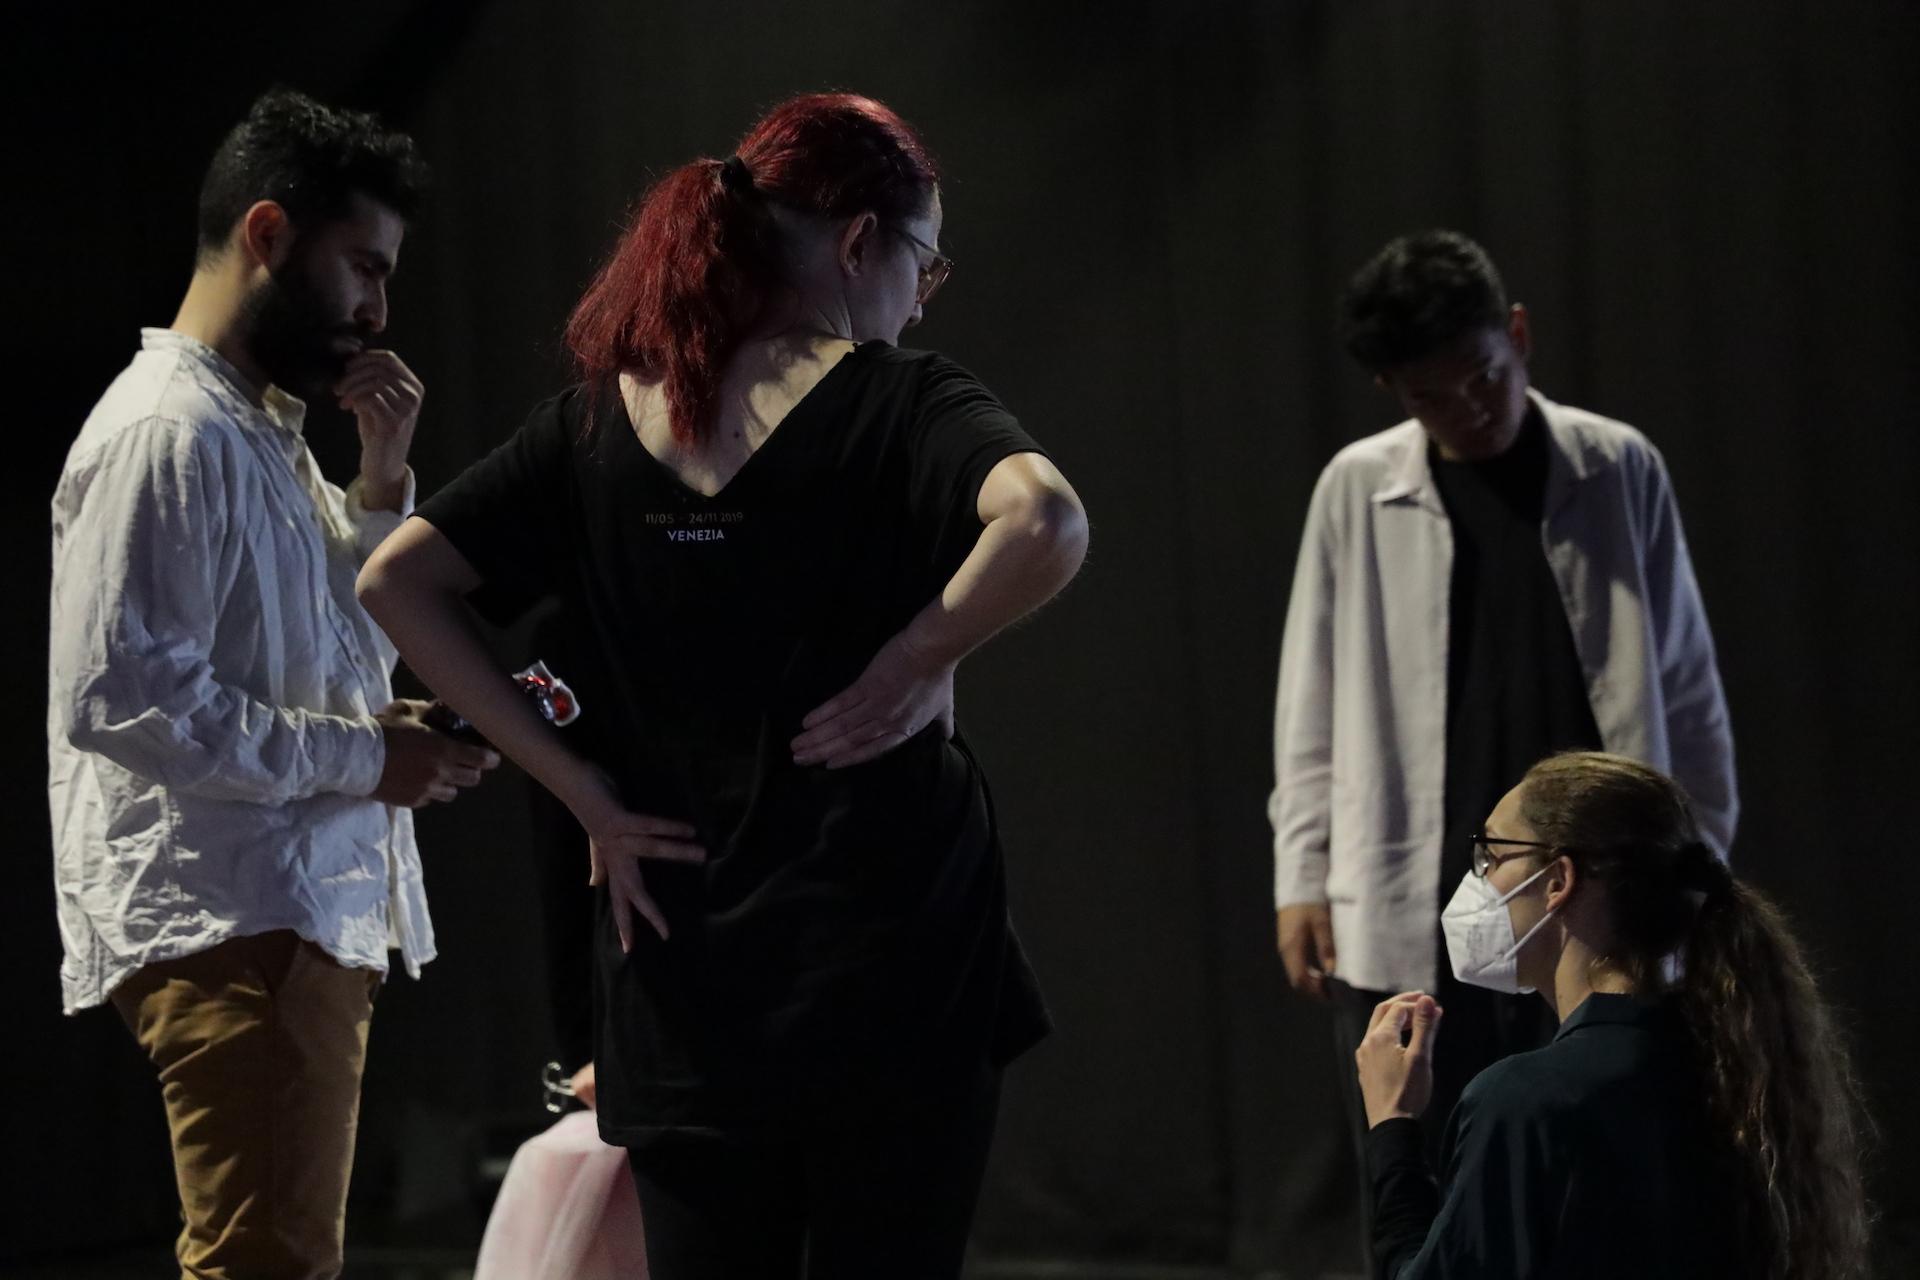 Teatro Studio riparte con la regista padovana Pederzini